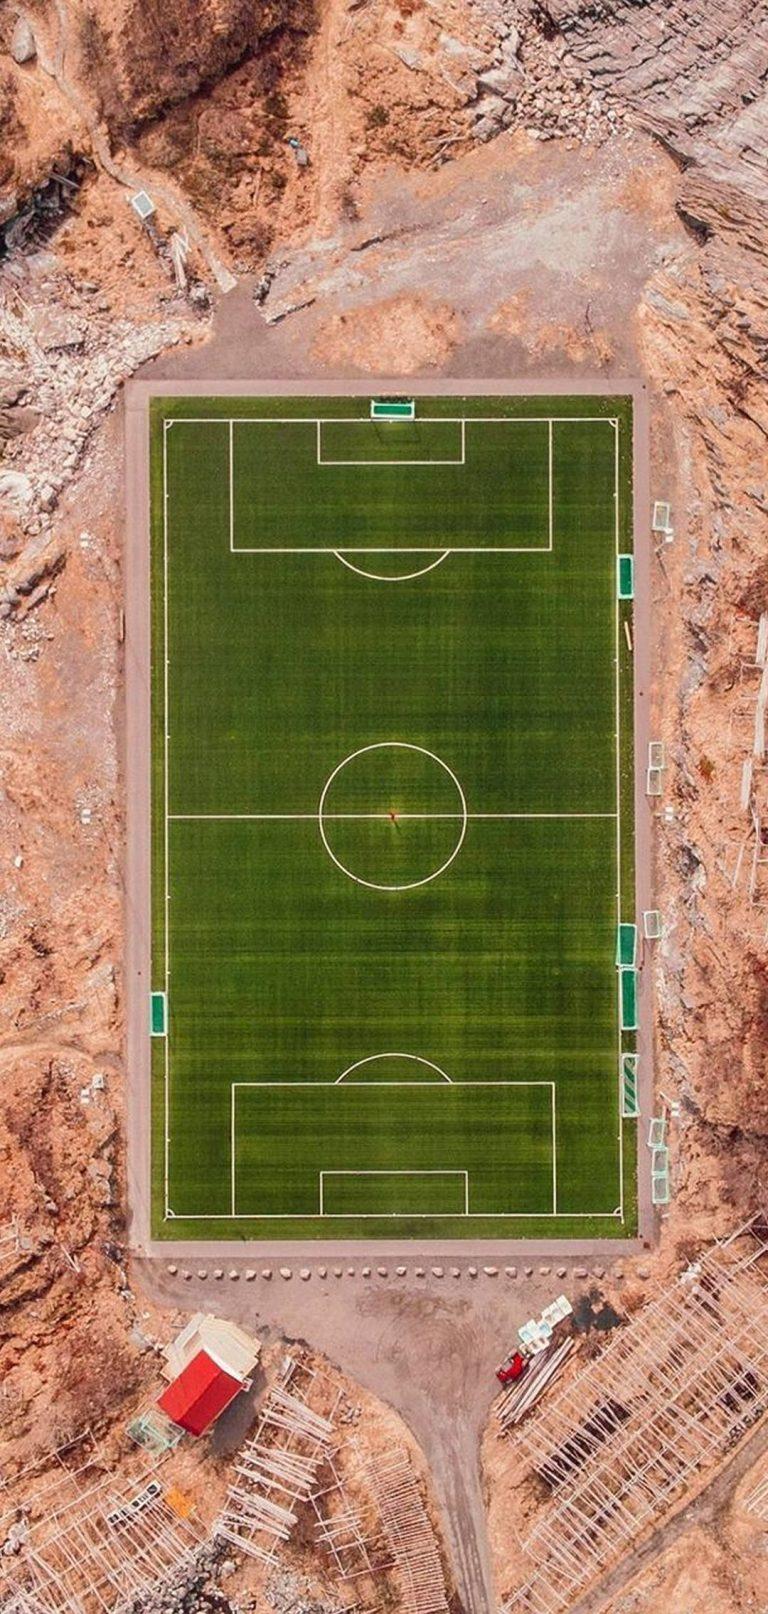 Football Field Island Sports 1080x2270 768x1614